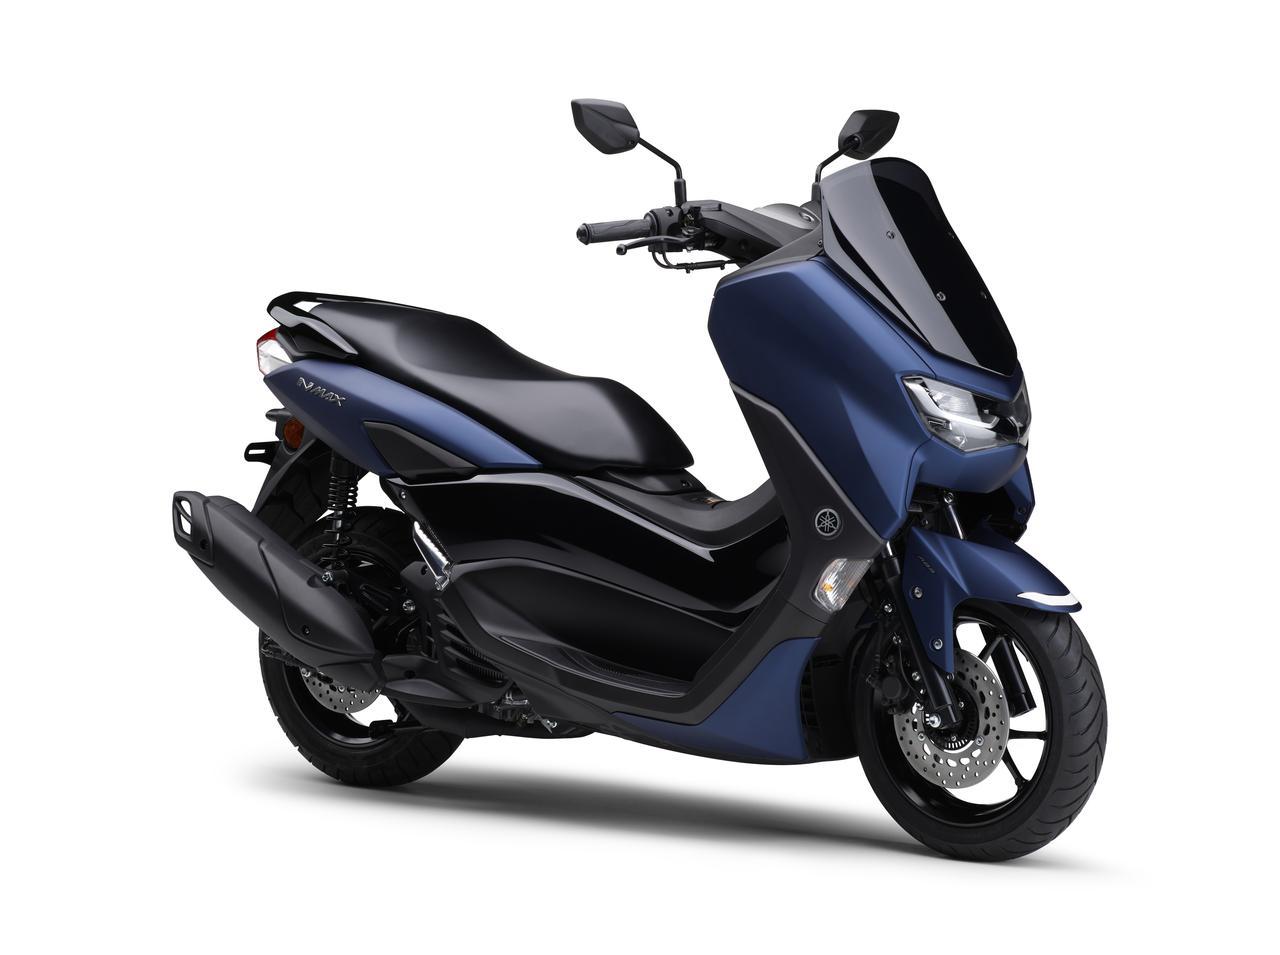 画像7: ヤマハが新型「NMAX ABS」を発売! エンジン改良&新フレームの採用とともにトラコンやスマホ連携機能も新搭載